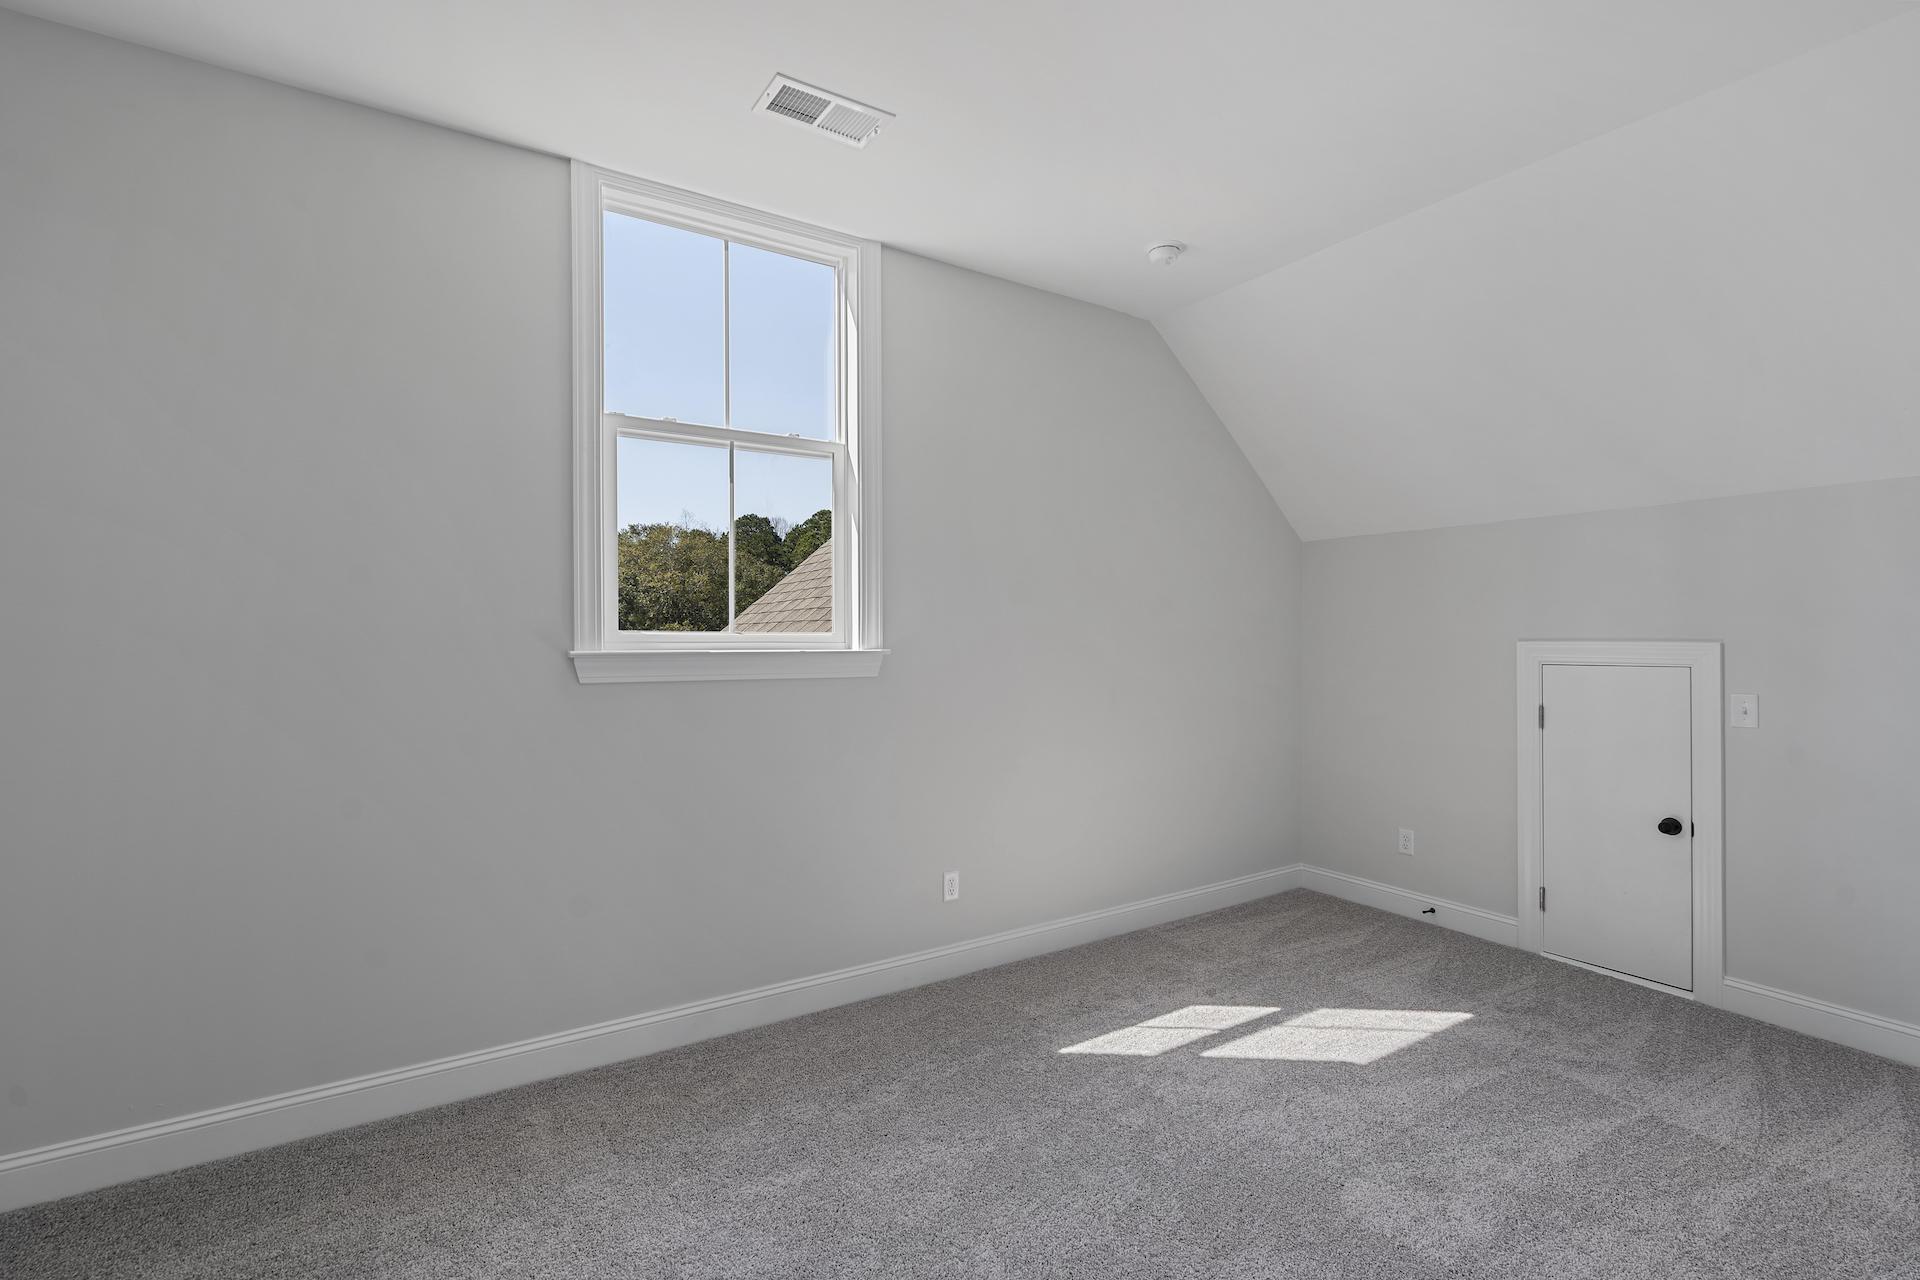 Park West Homes For Sale - 1504 Hopkins, Mount Pleasant, SC - 25